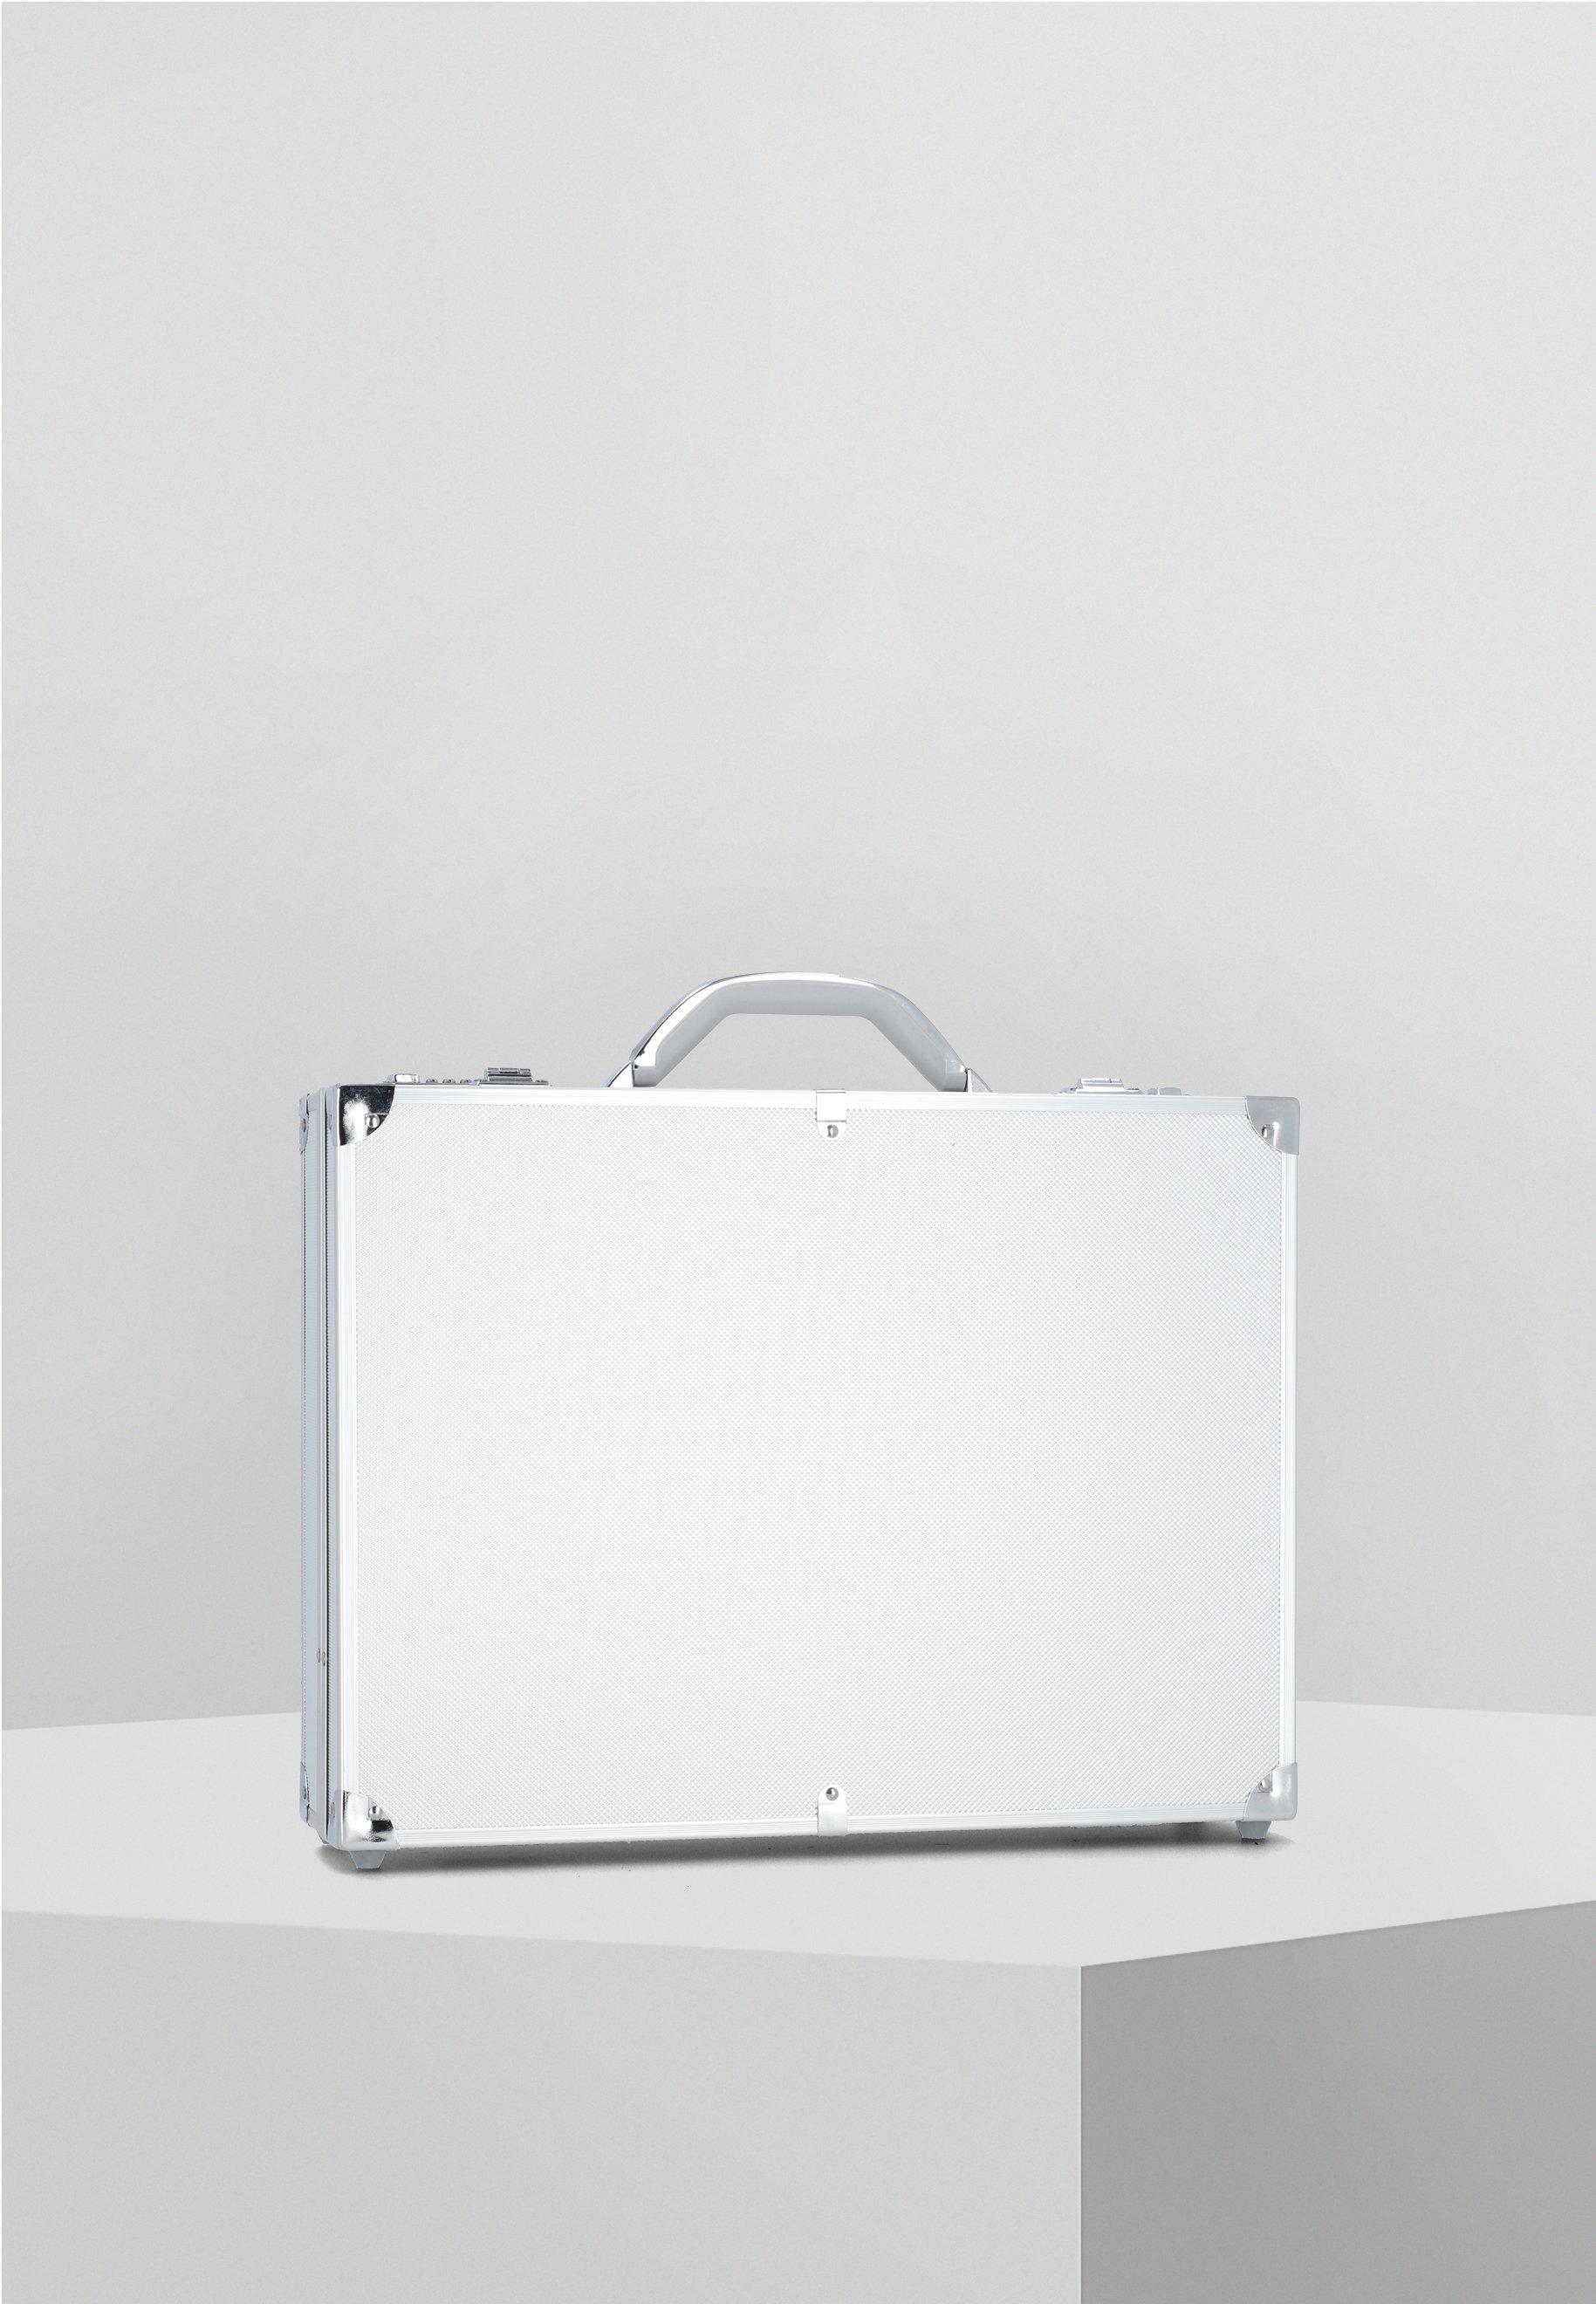 Alumaxx Aktentasche - silver/silber - Herrentaschen nBSYX